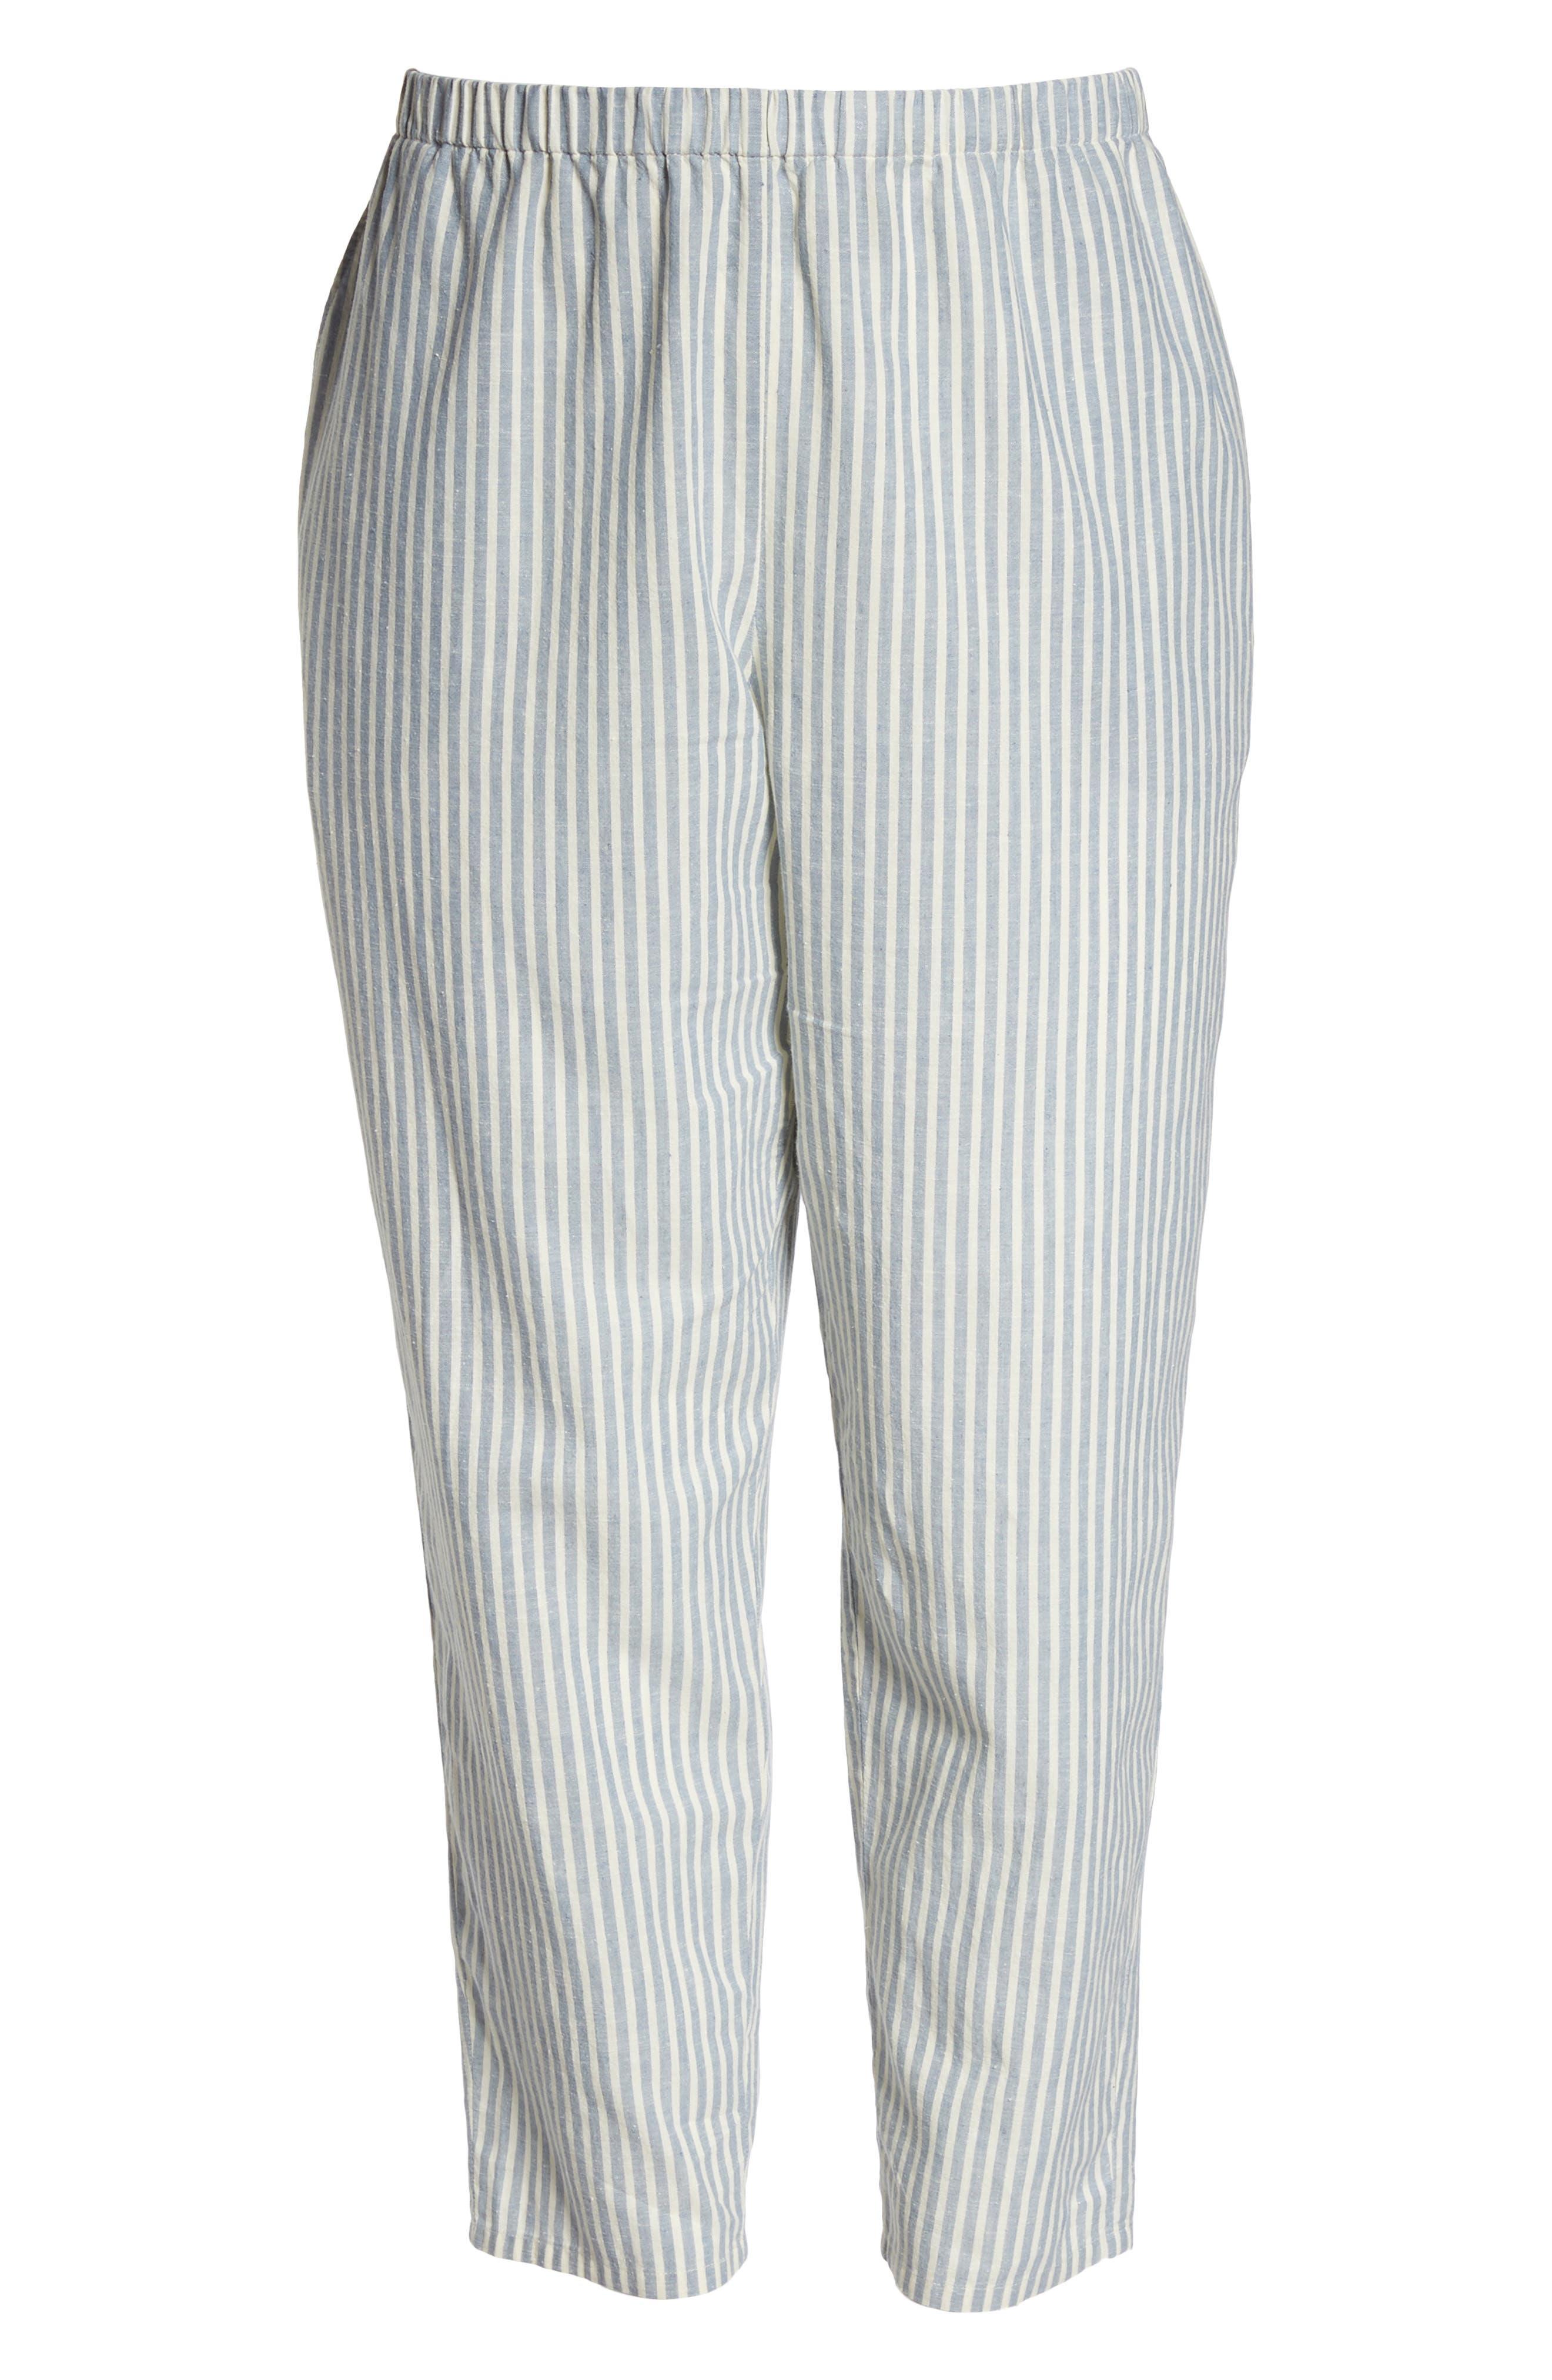 Stripe Ankle Hemp & Cotton Pants,                             Alternate thumbnail 7, color,                             Chambray